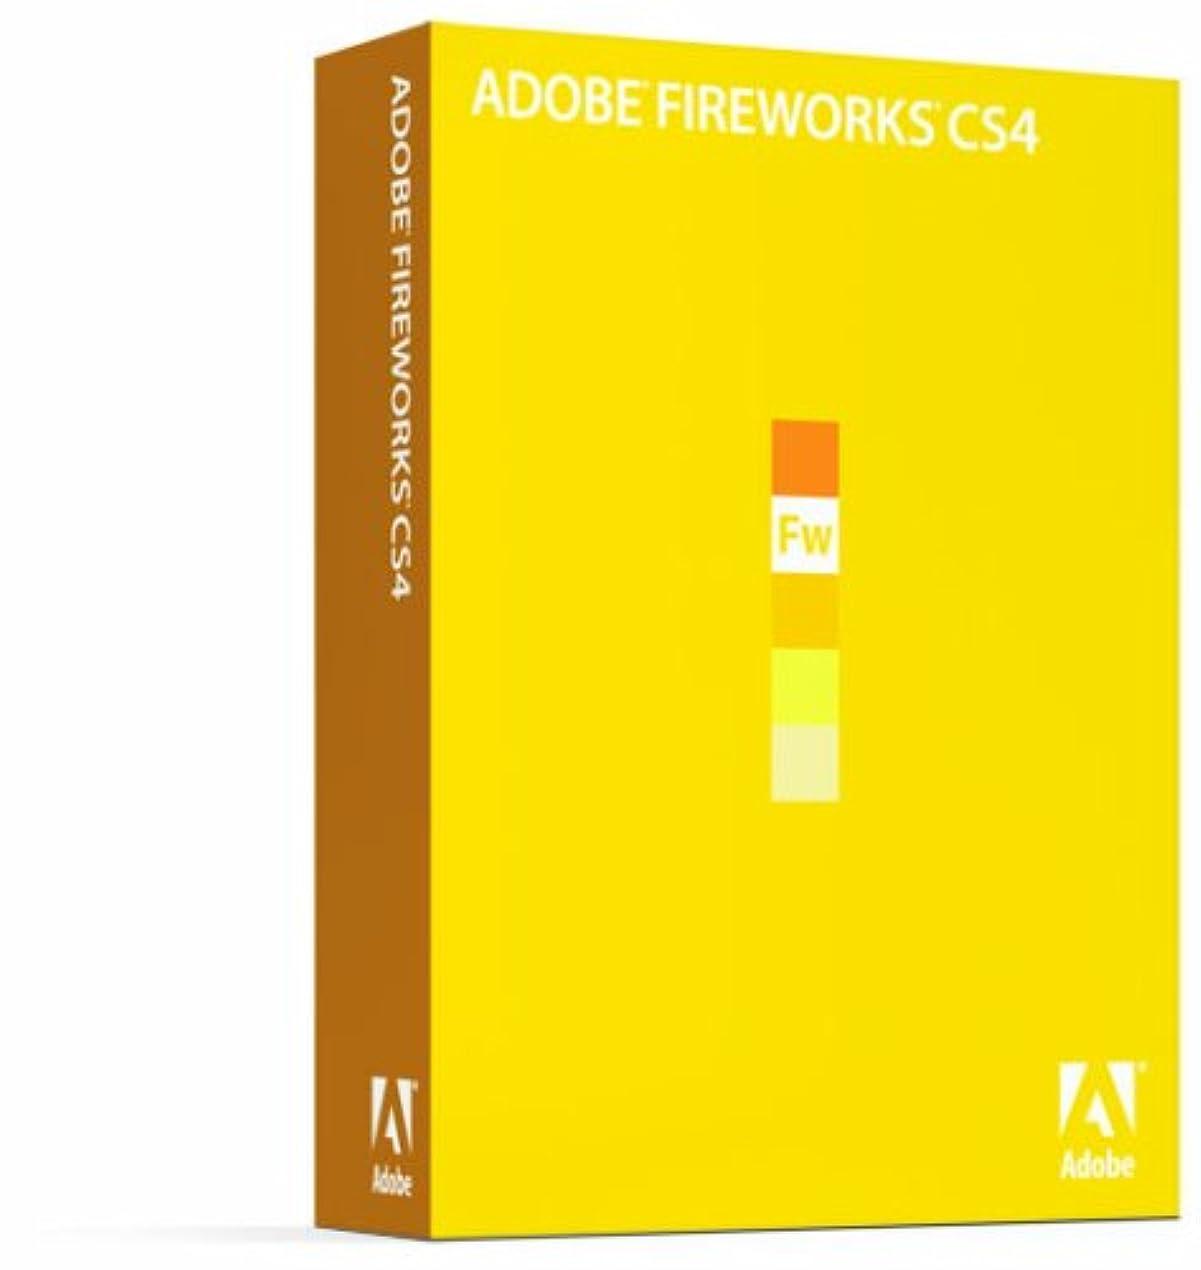 民間オーナーオーチャードAdobe Fireworks CS4 (V10.0) 日本語版 Macintosh版 (旧製品)